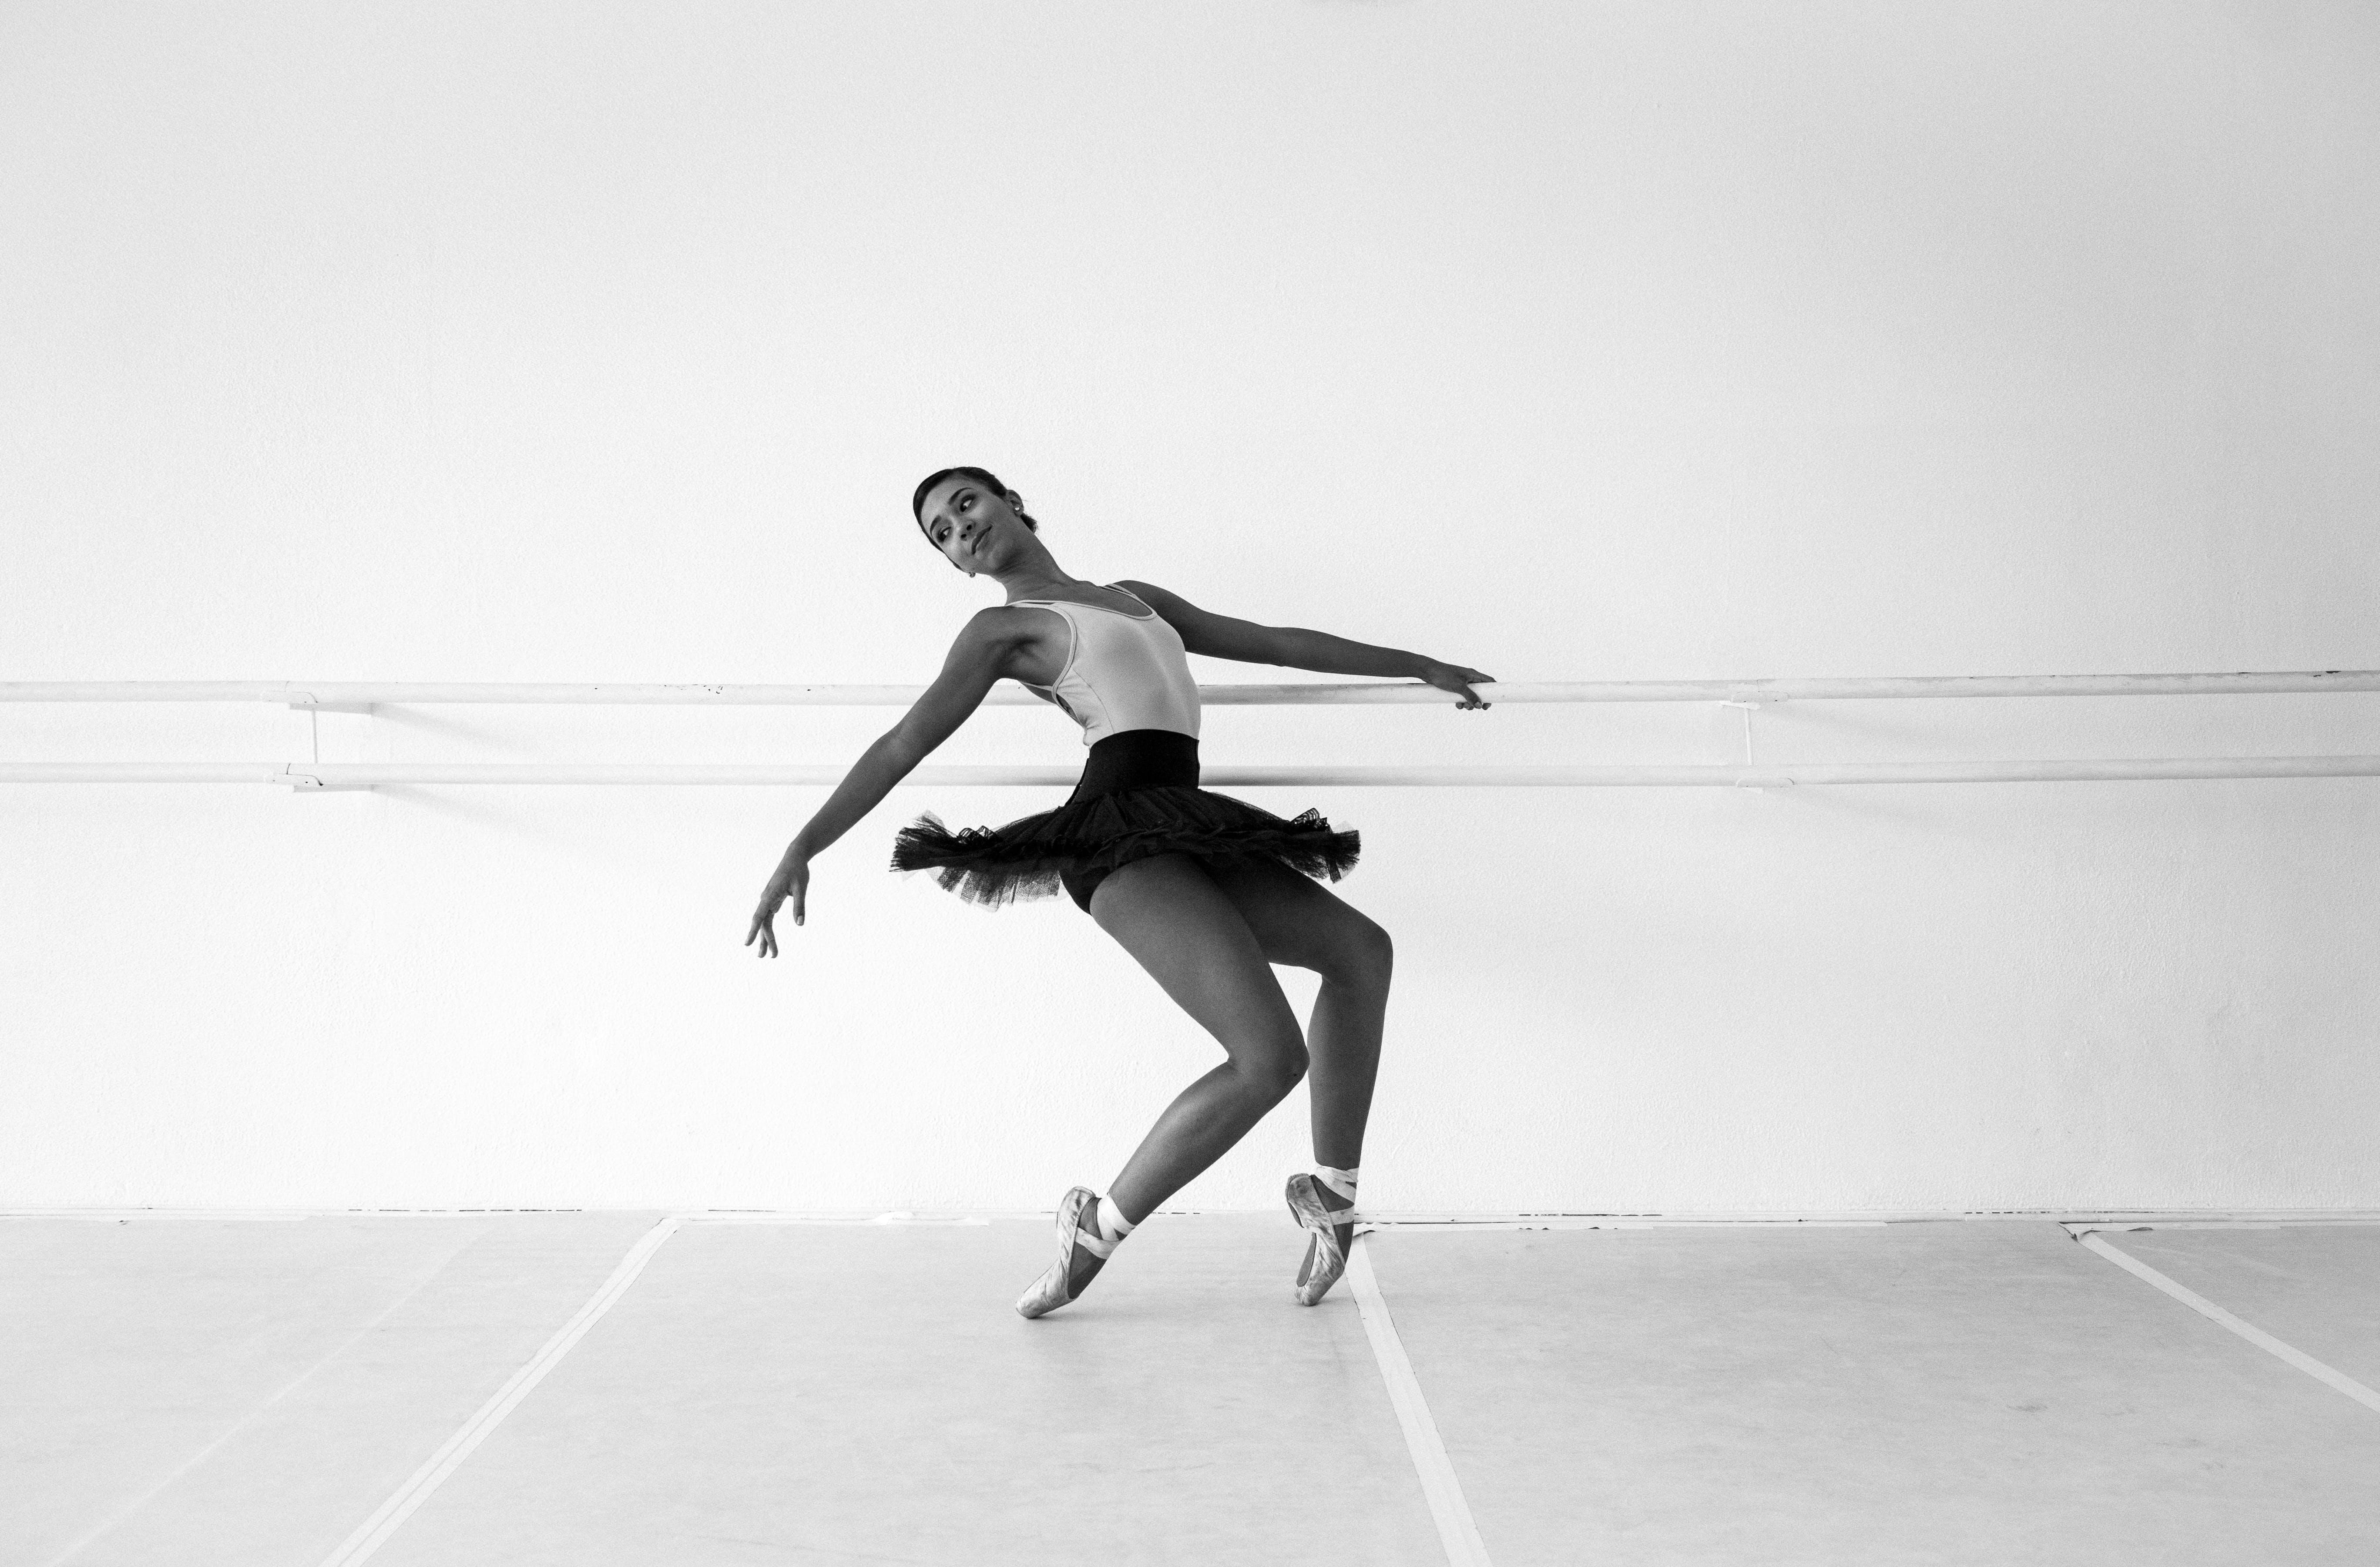 女人, 技能, 擺姿勢, 穿著 的 免费素材照片